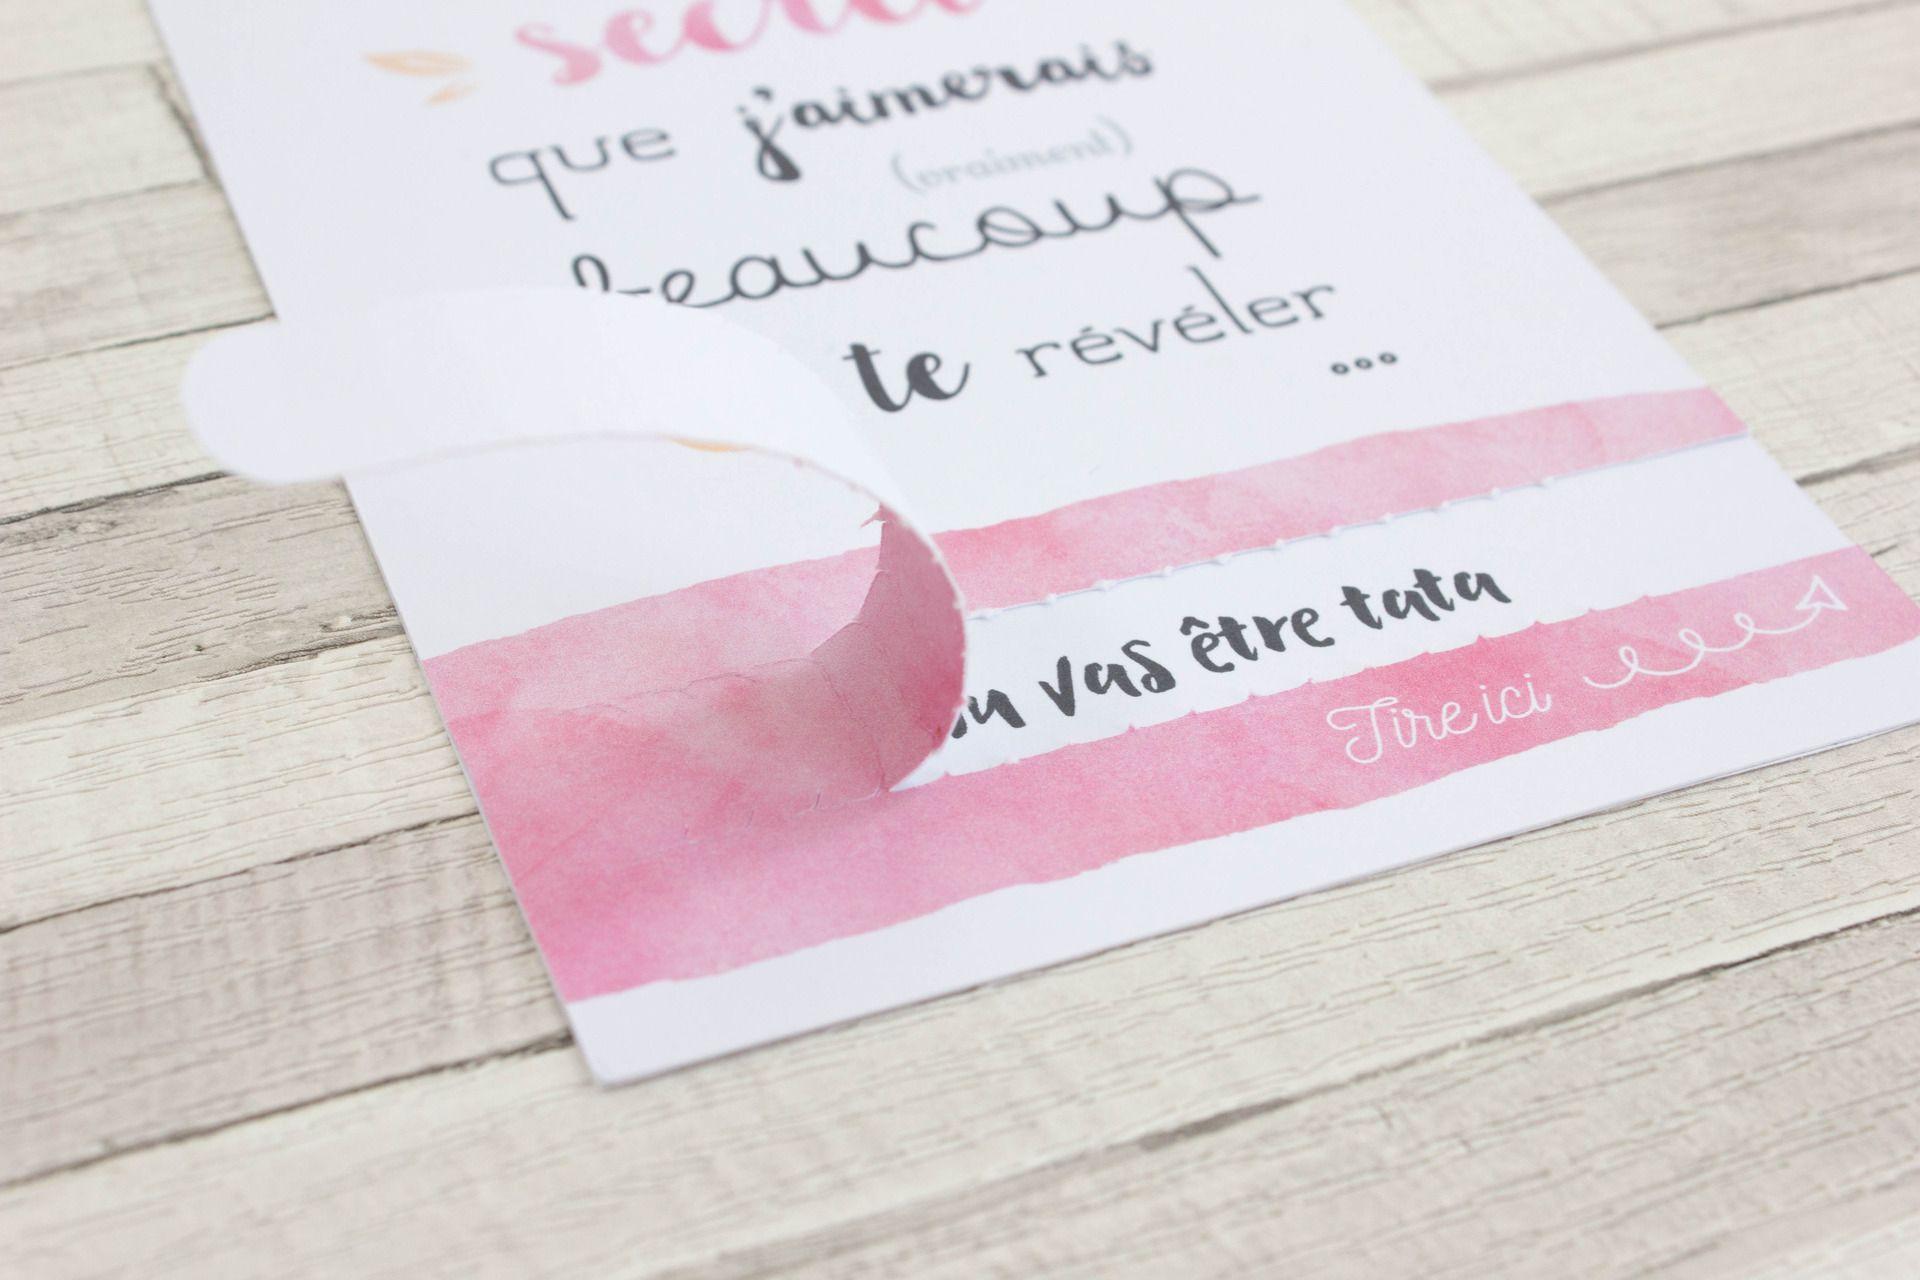 Annonce Témoin Mariage dedans carte annonce de grossesse - demande de témoin / parrain / marraine